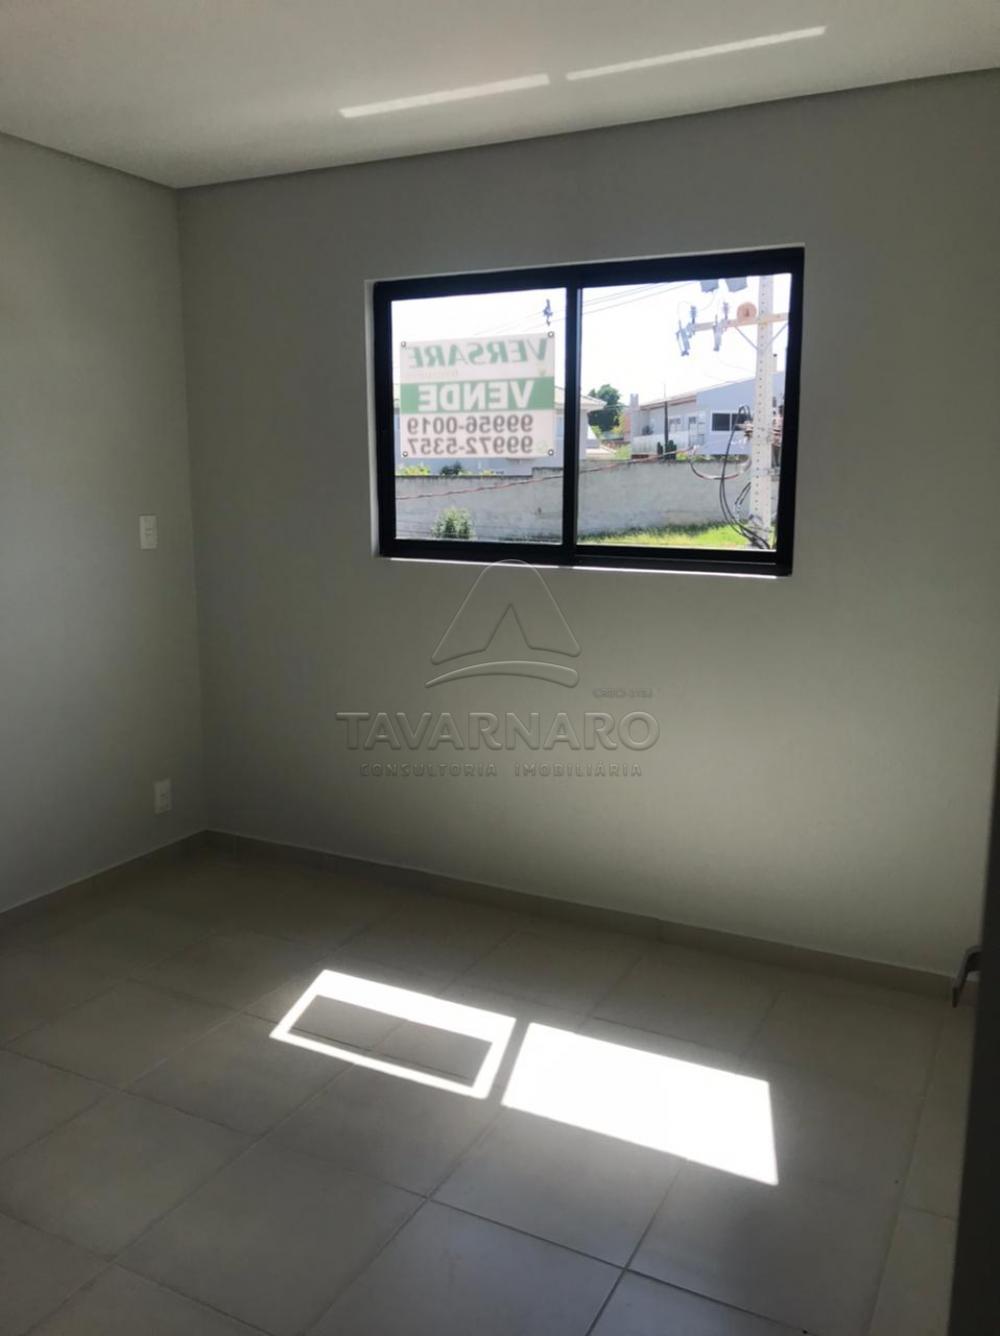 Comprar Apartamento / Padrão em Ponta Grossa R$ 170.000,00 - Foto 2